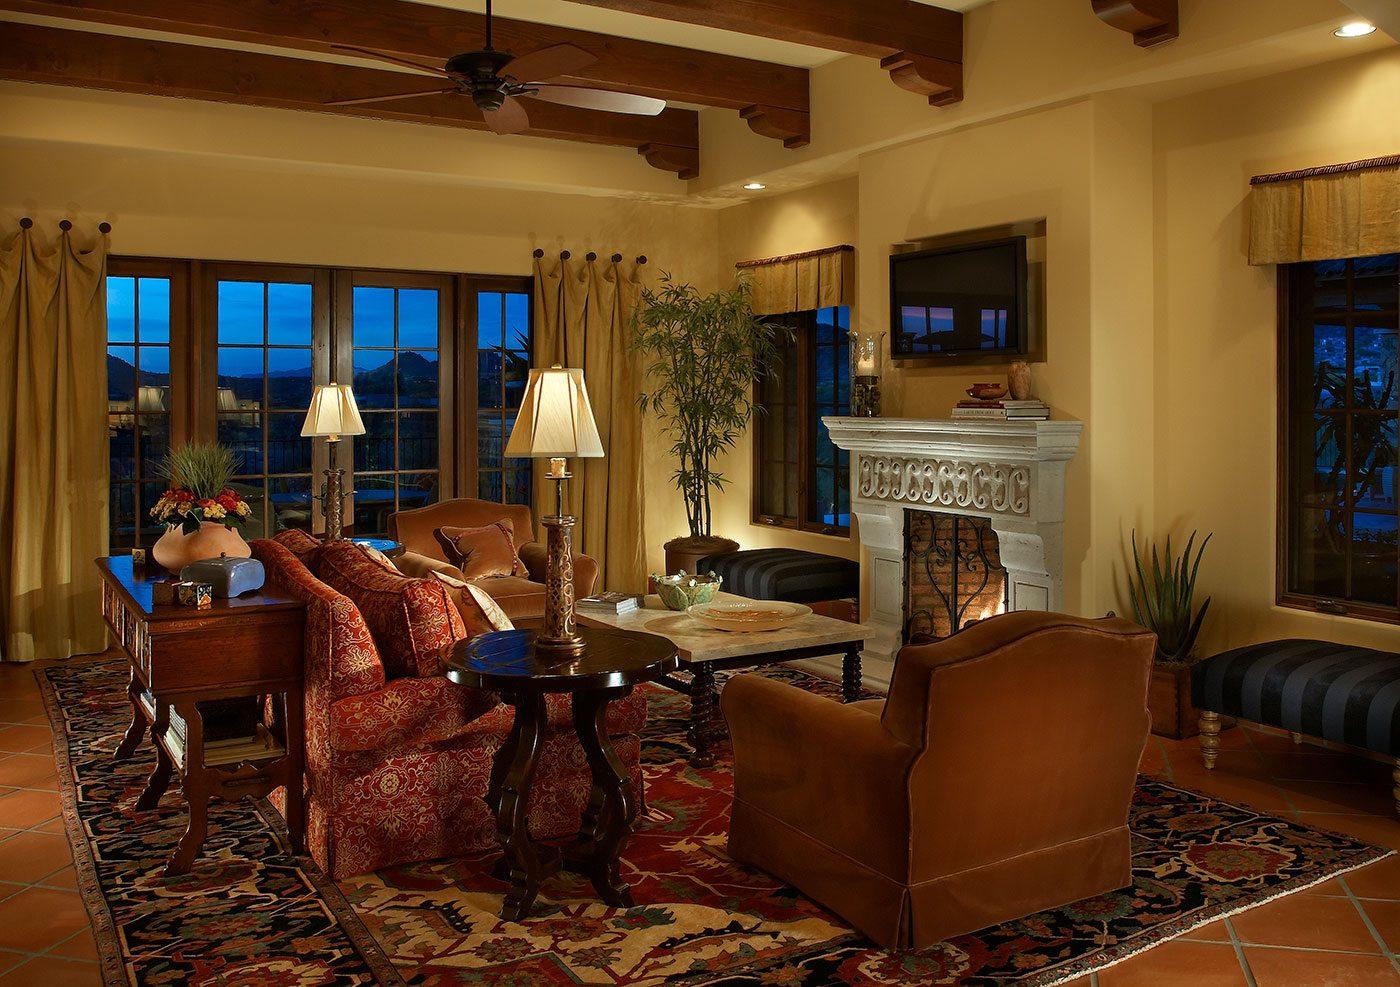 Santa barbara home interior design by janet brooks for Home designs and granite santa barbara